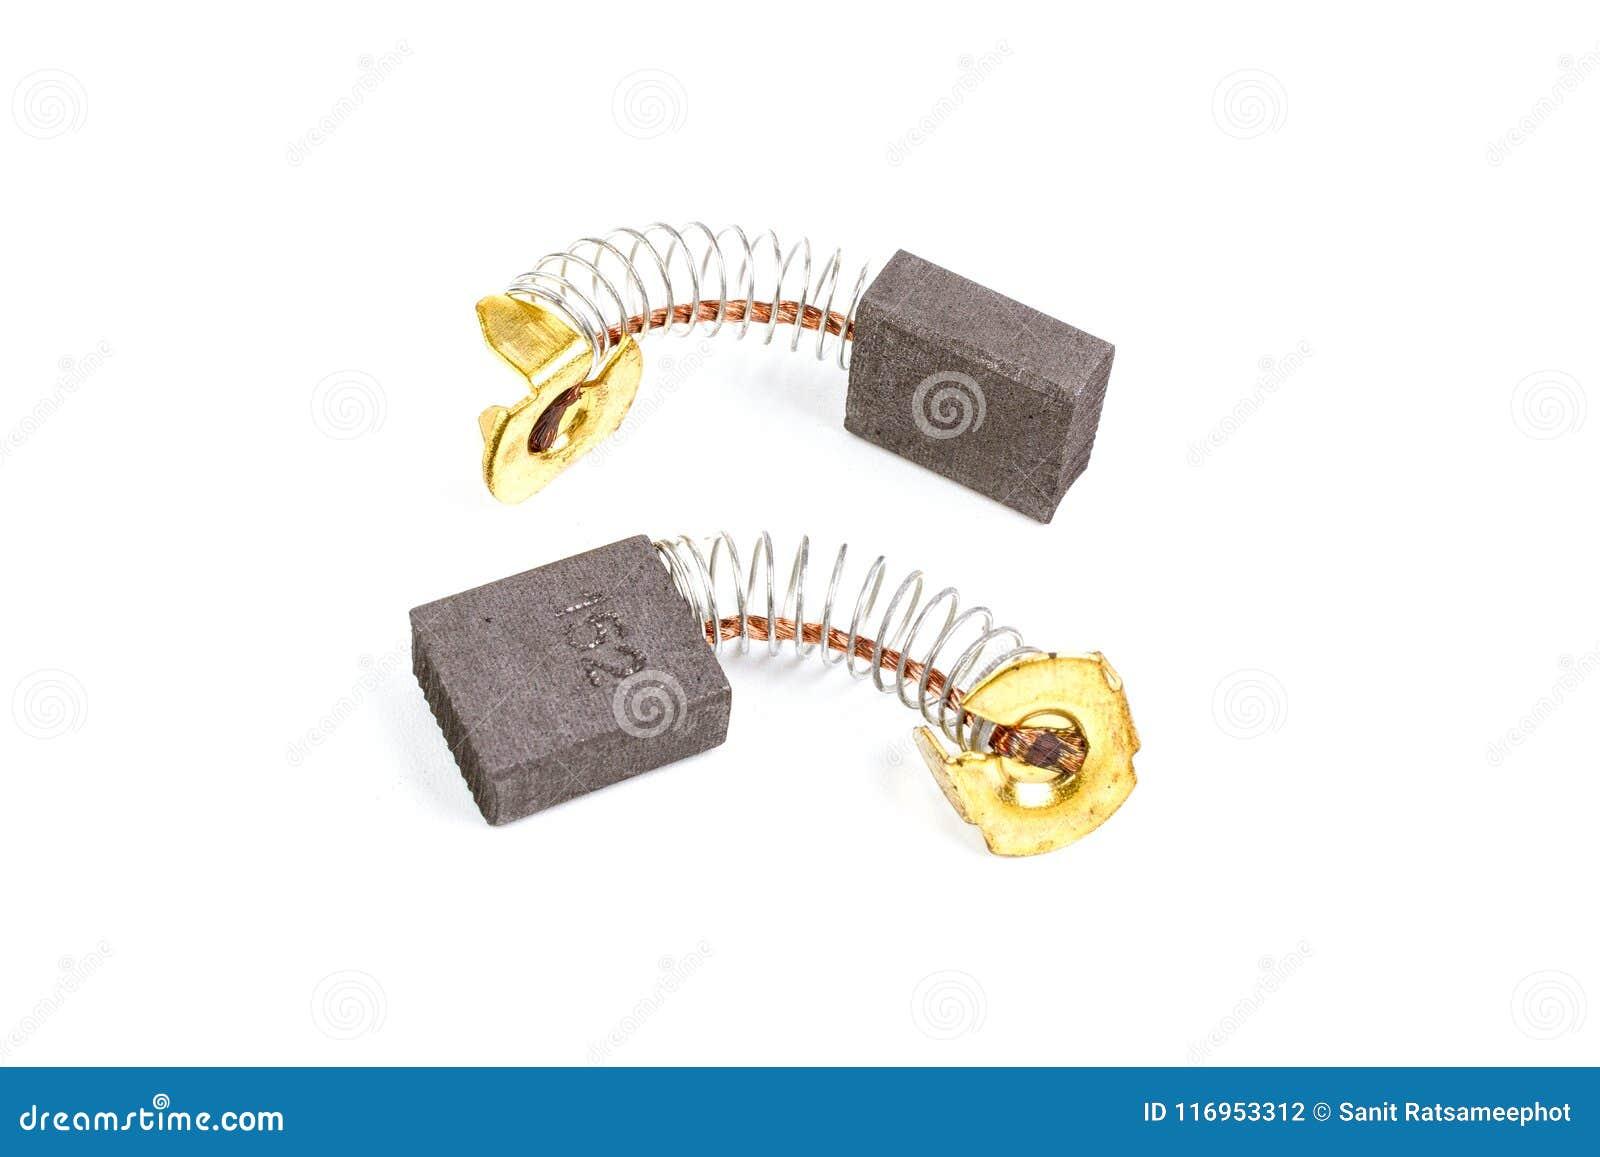 Zwei Kohlebürsten für den elektrischen Ersatz-Motor lokalisiert auf wh